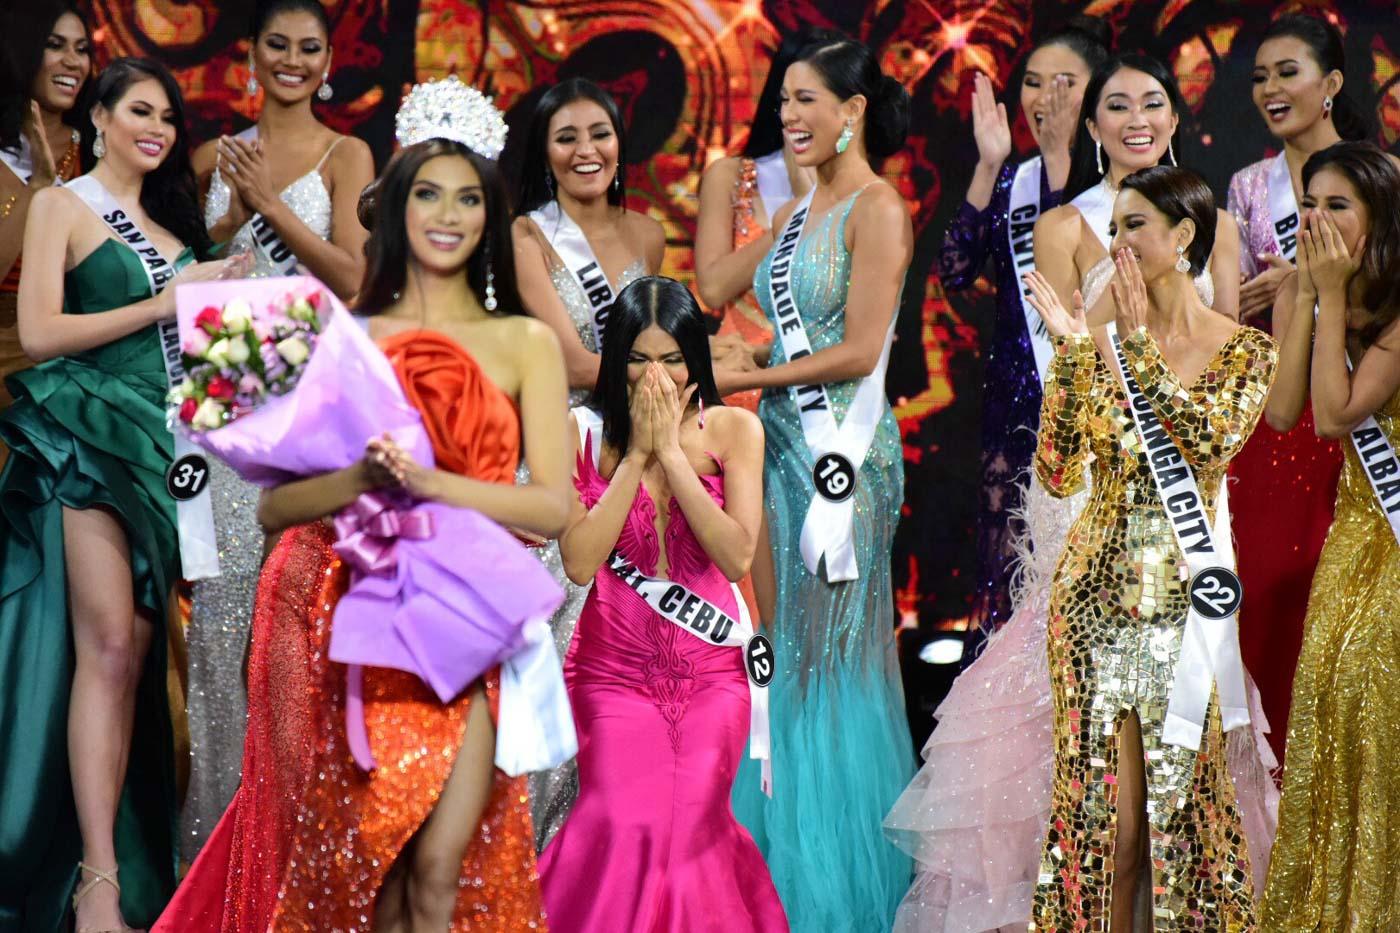 نتيجة بحث الصور عن GAZINI GANADOS crowning moment | BINIBINING PILIPINAS 2019 announcement of winners | Audience View